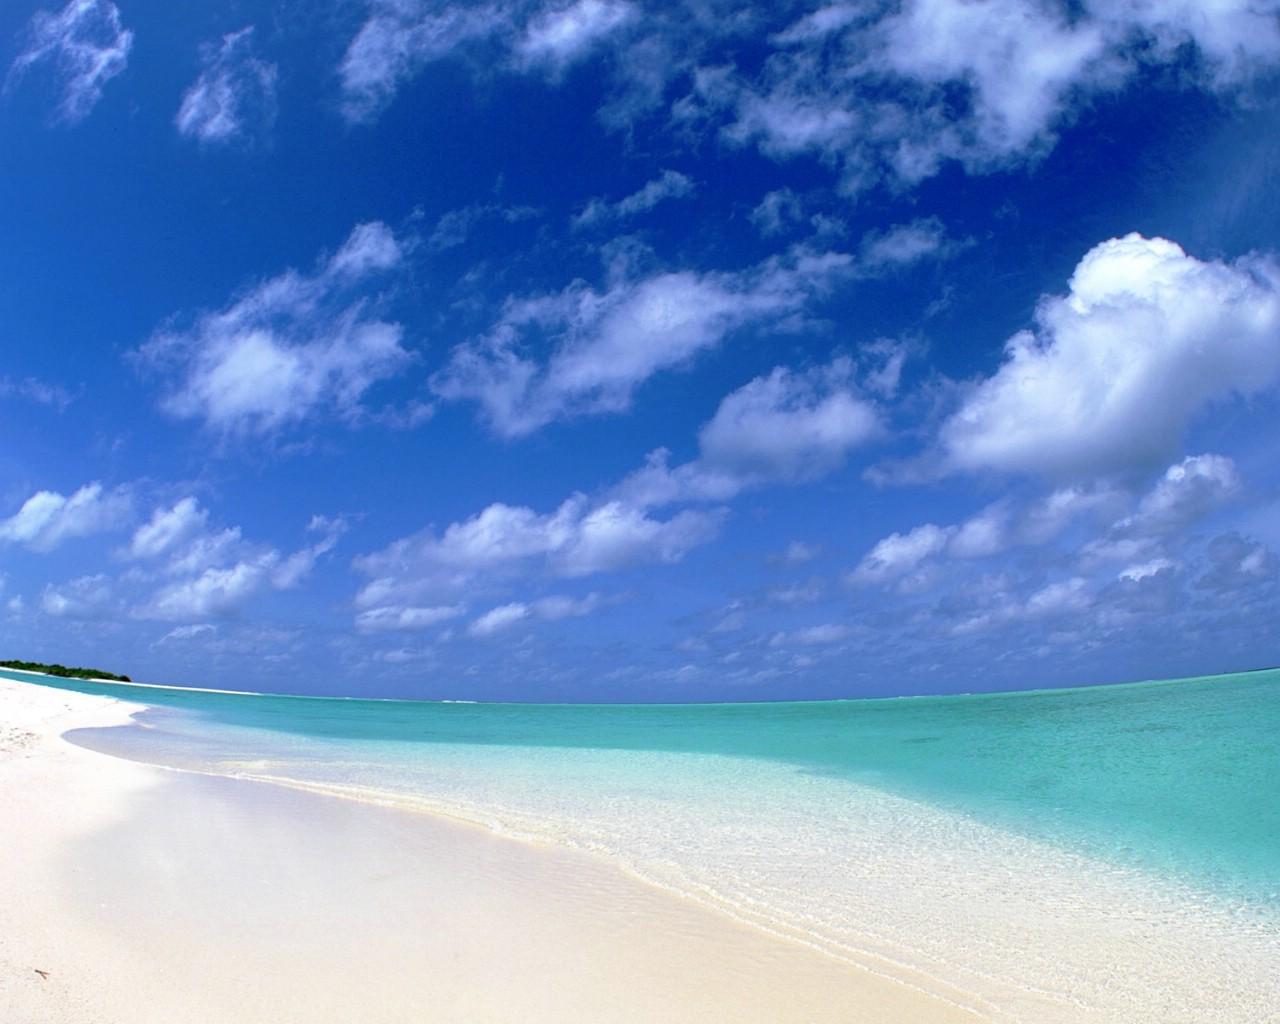 海边风景桌面壁纸